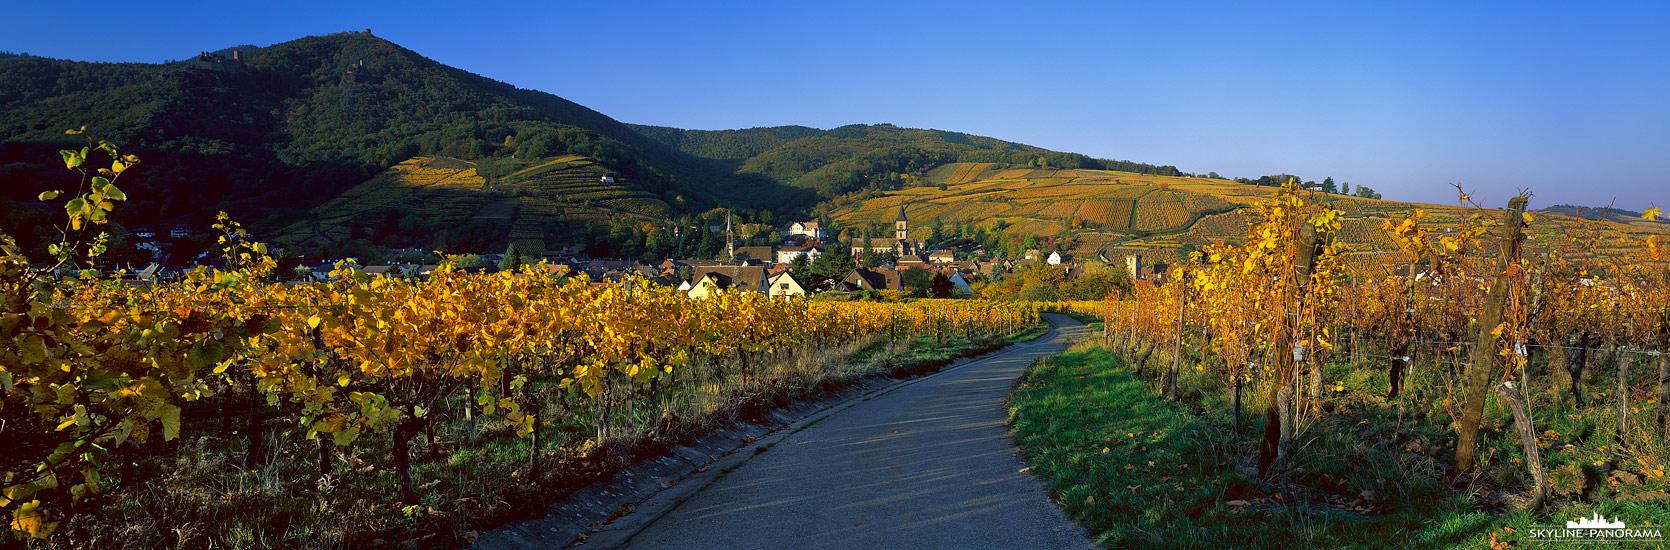 6x17 Panorama Alsace - Unterwegs in den herbstlichen Weinbergen von Ribeauvillé im französischen Elsass. Durch die Stadt Ribeauvillé  verläuft die Elsässer Weinstraße.